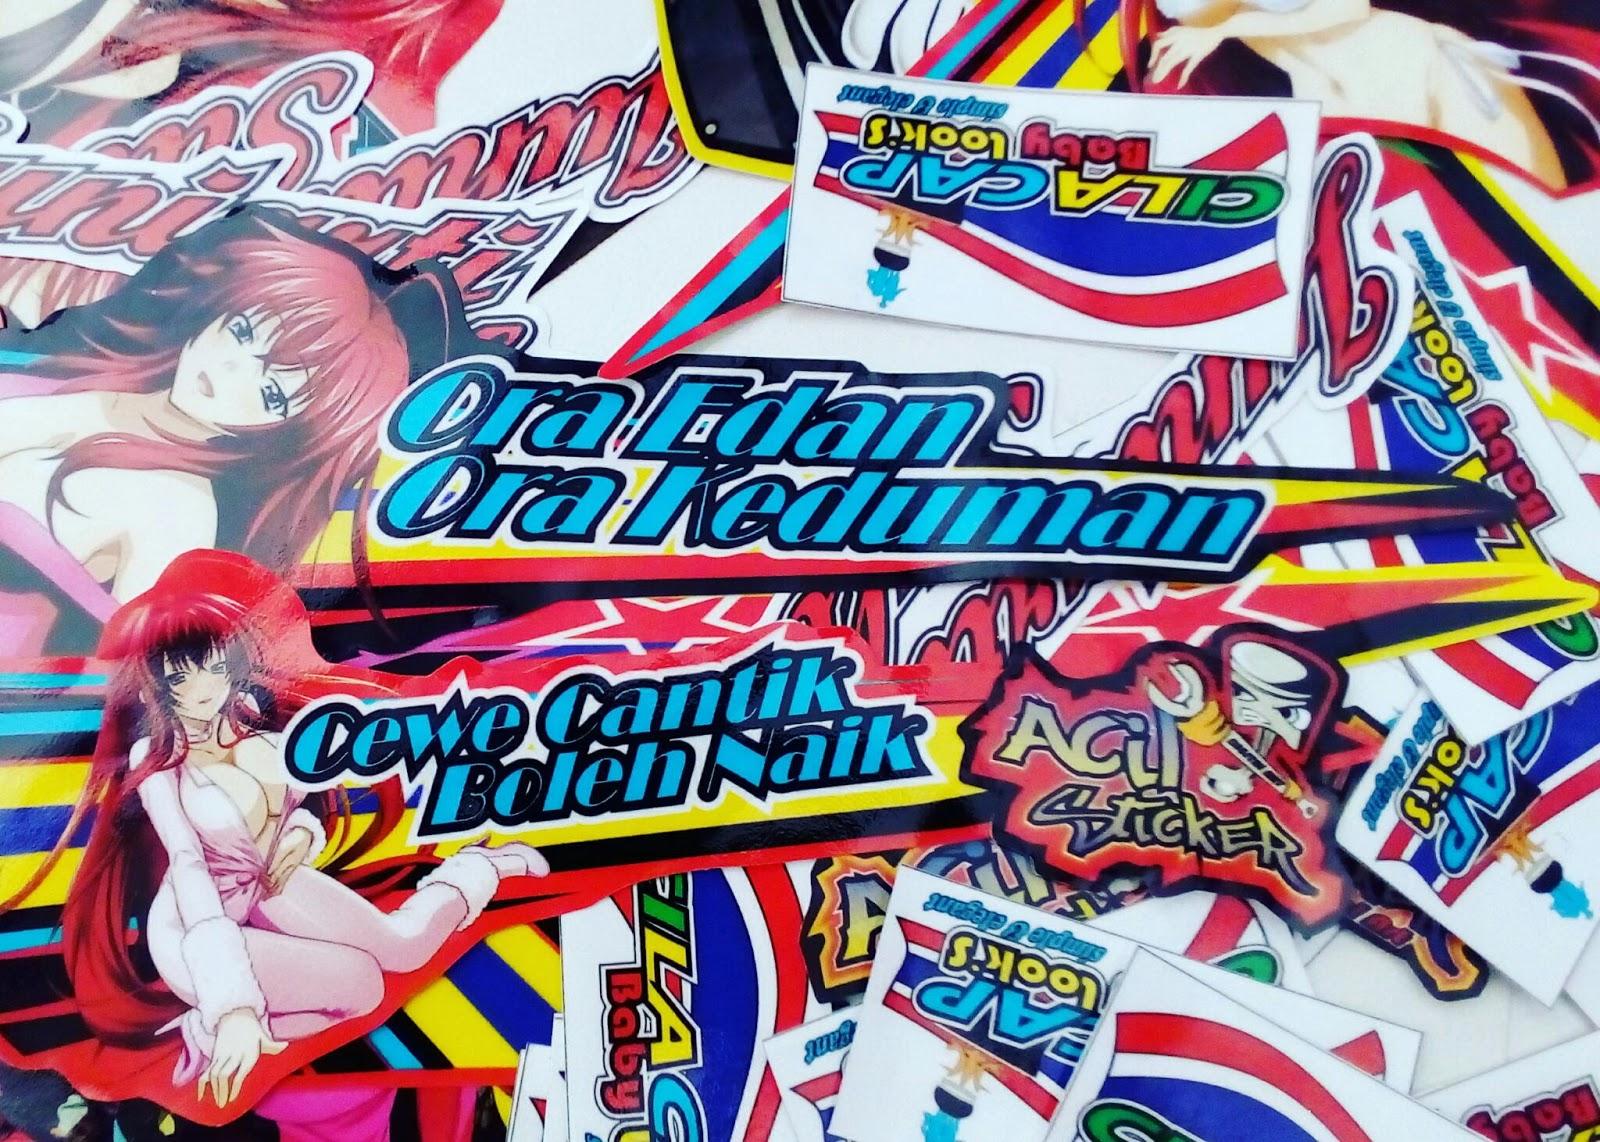 Desain drag racing custom stickers